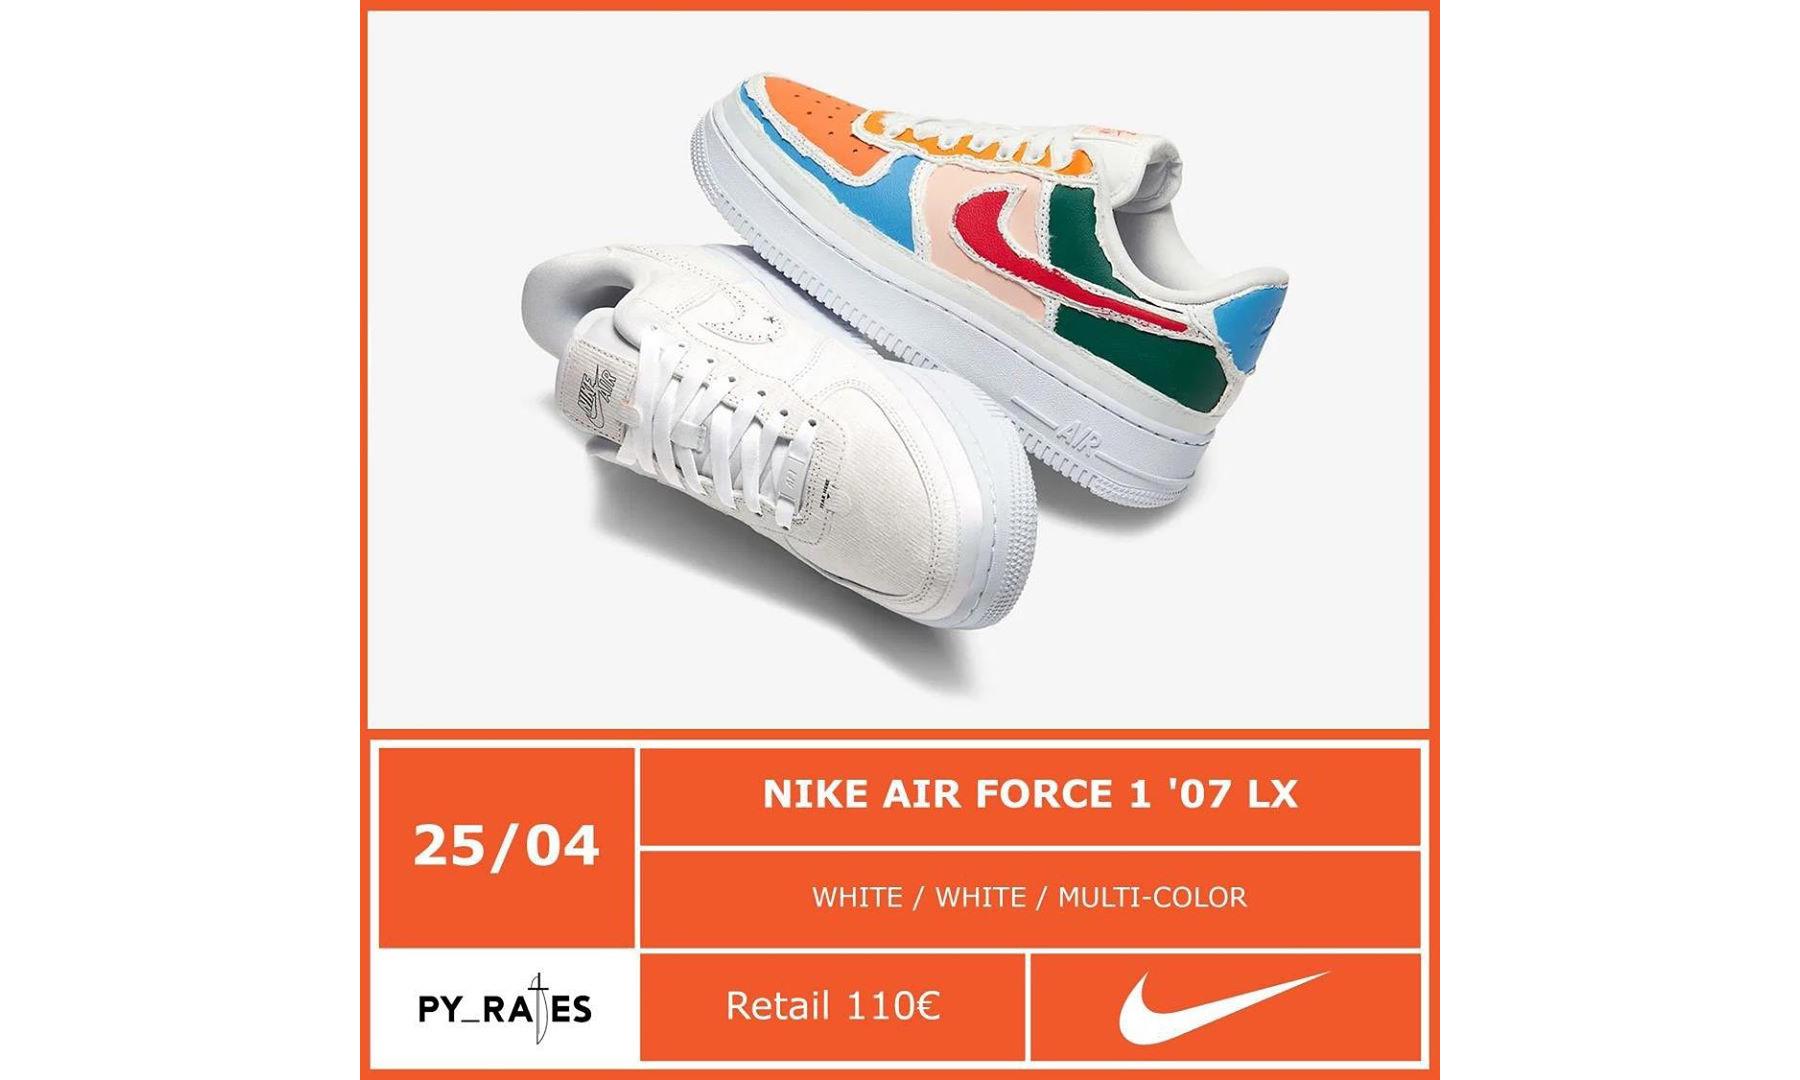 充满童趣的 Nike Air Force 1'07 LX「撕撕乐」配色将于本月发售